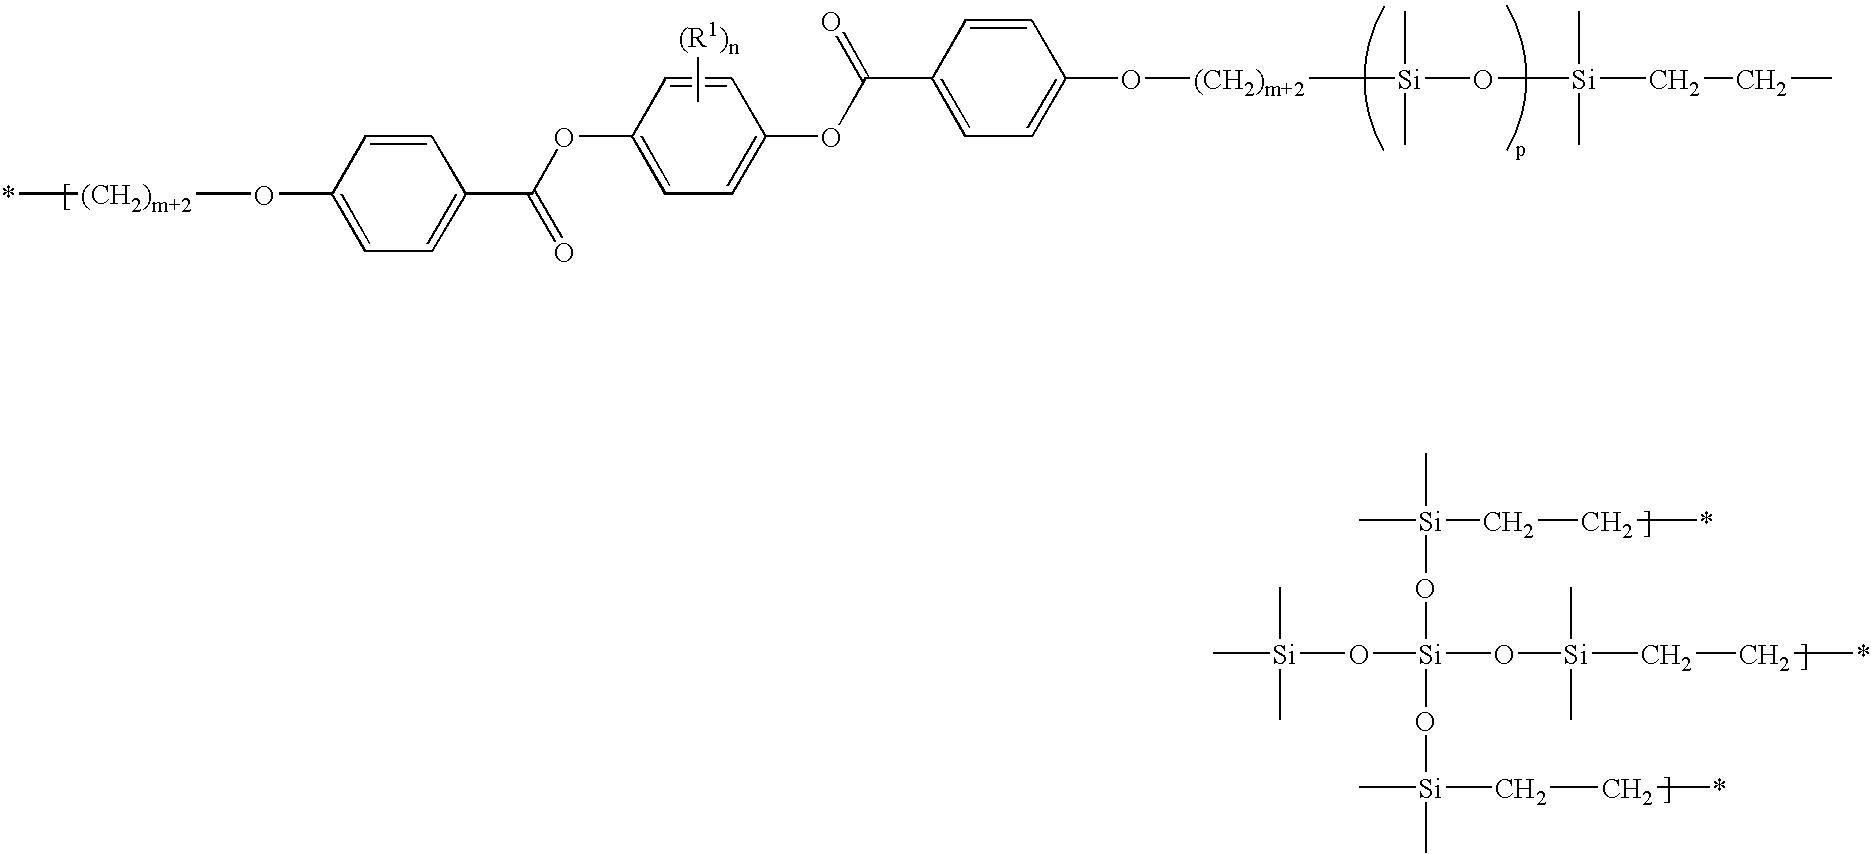 Figure US20050242325A1-20051103-C00038